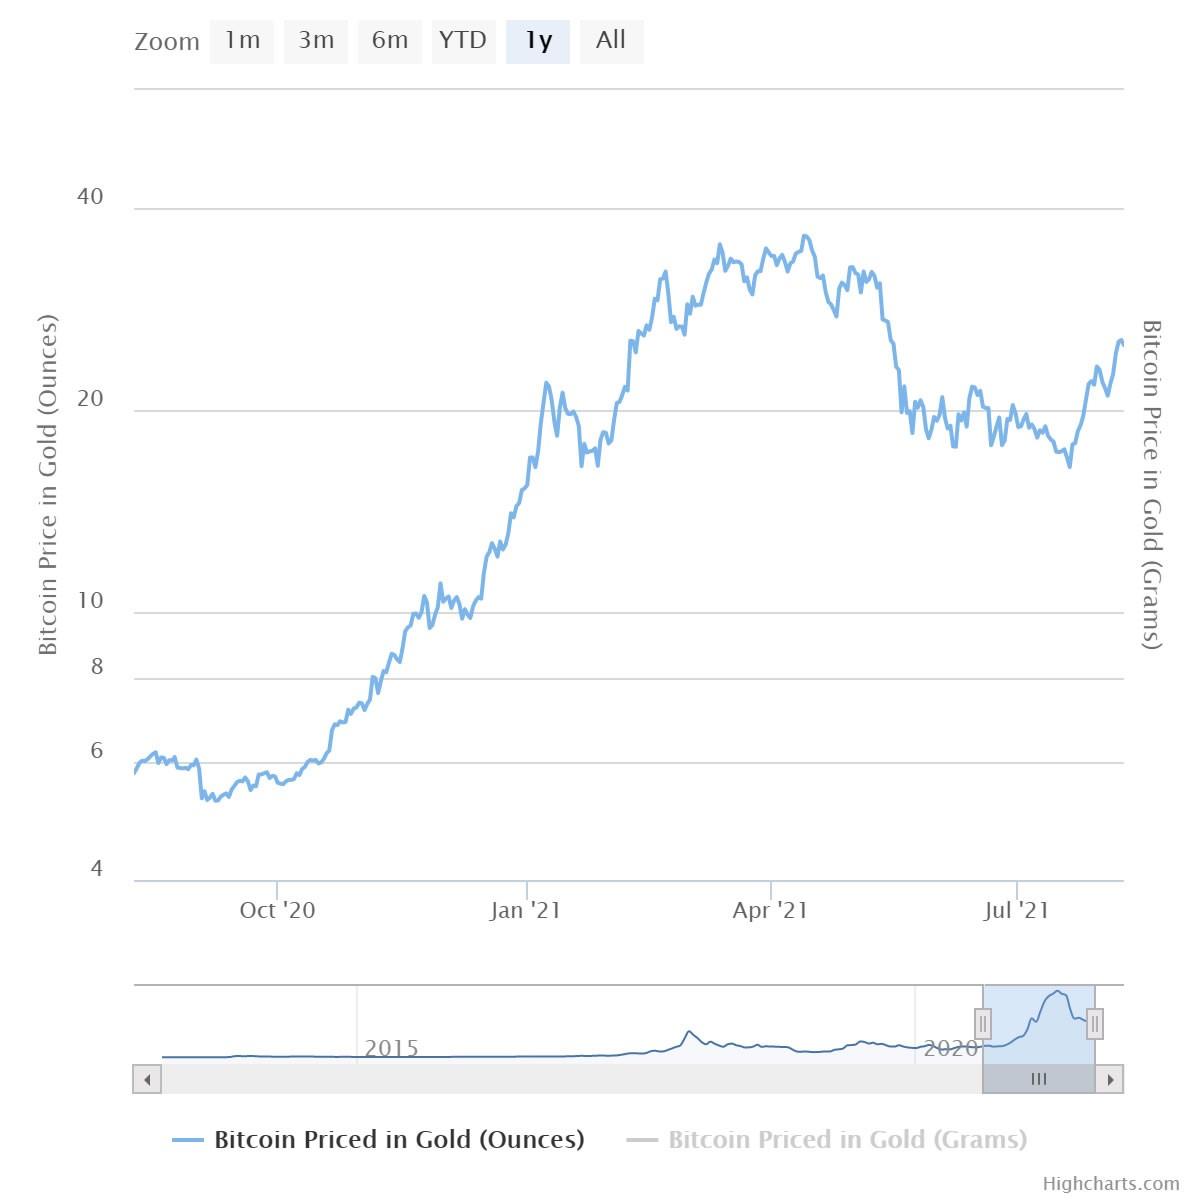 بازار طلا خرسی اما بیت کوین همچنان گاوی